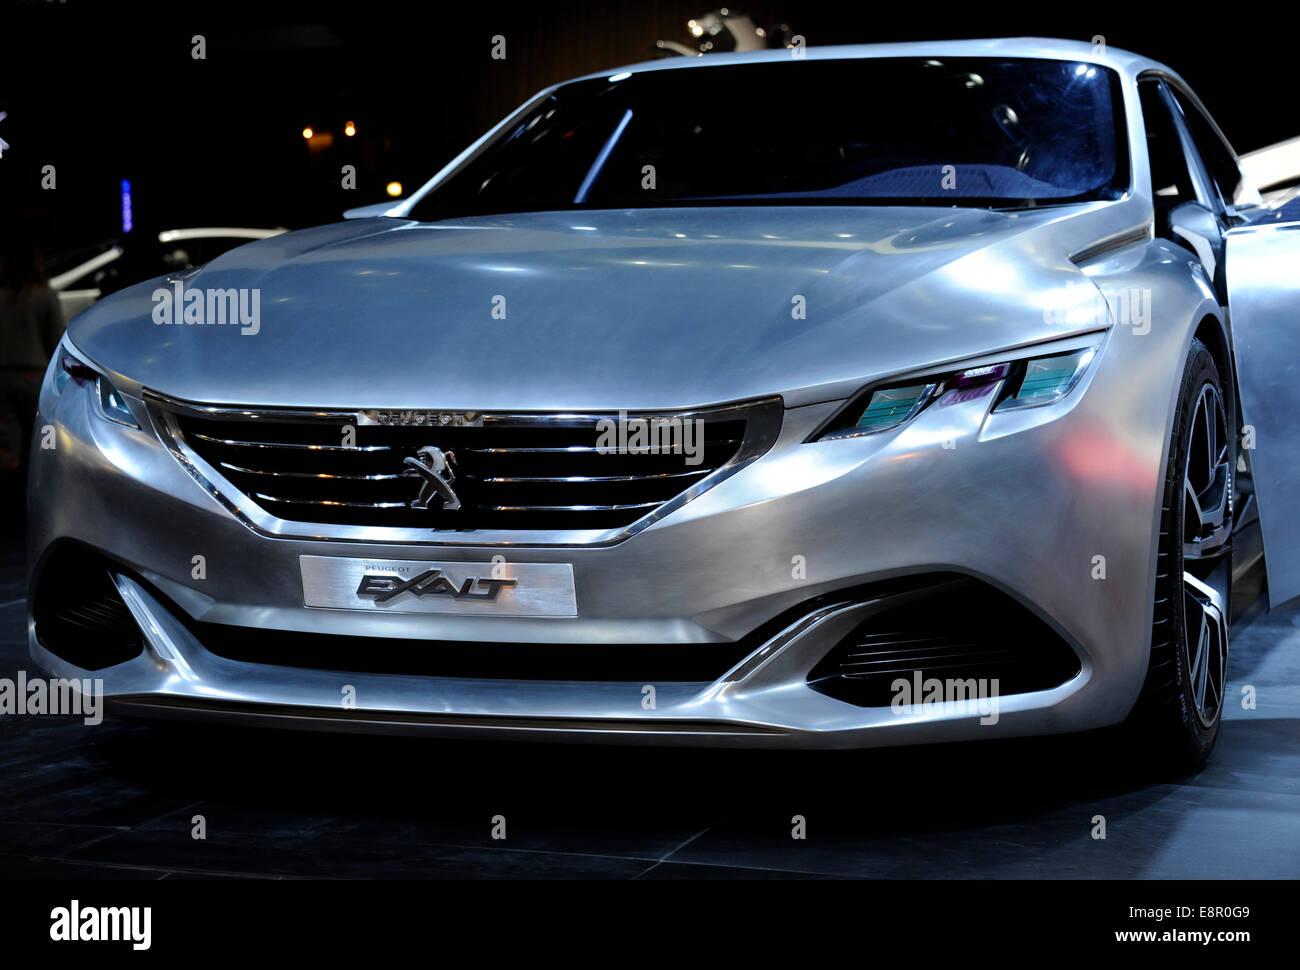 Exalt Peugeot concept car,Paris Motor Show,France - Stock Image